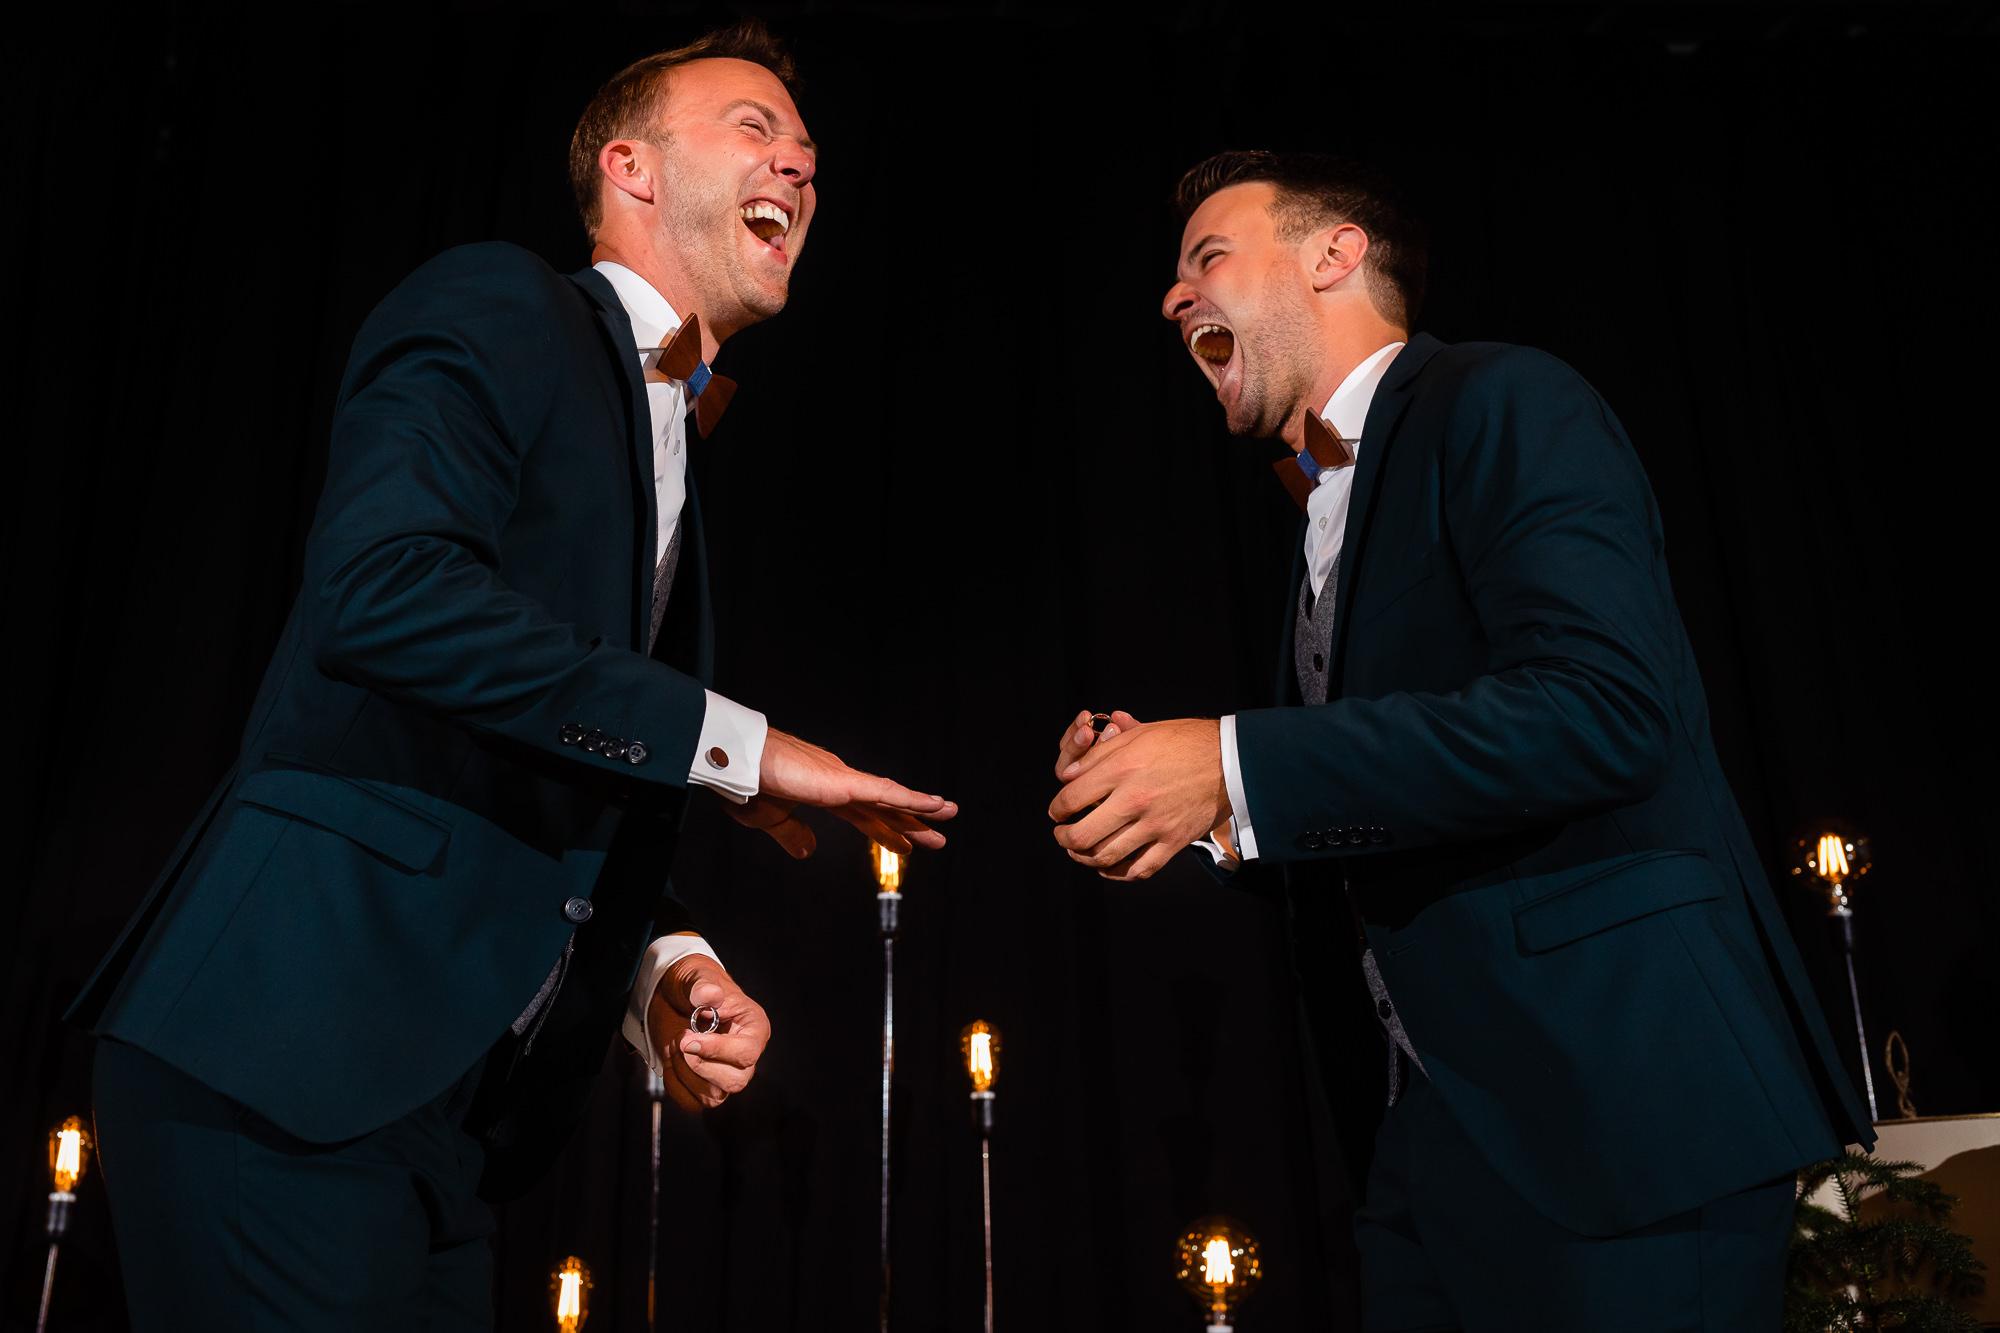 Bruidegommen aan het lachen tijdens het aandoen van de ringen